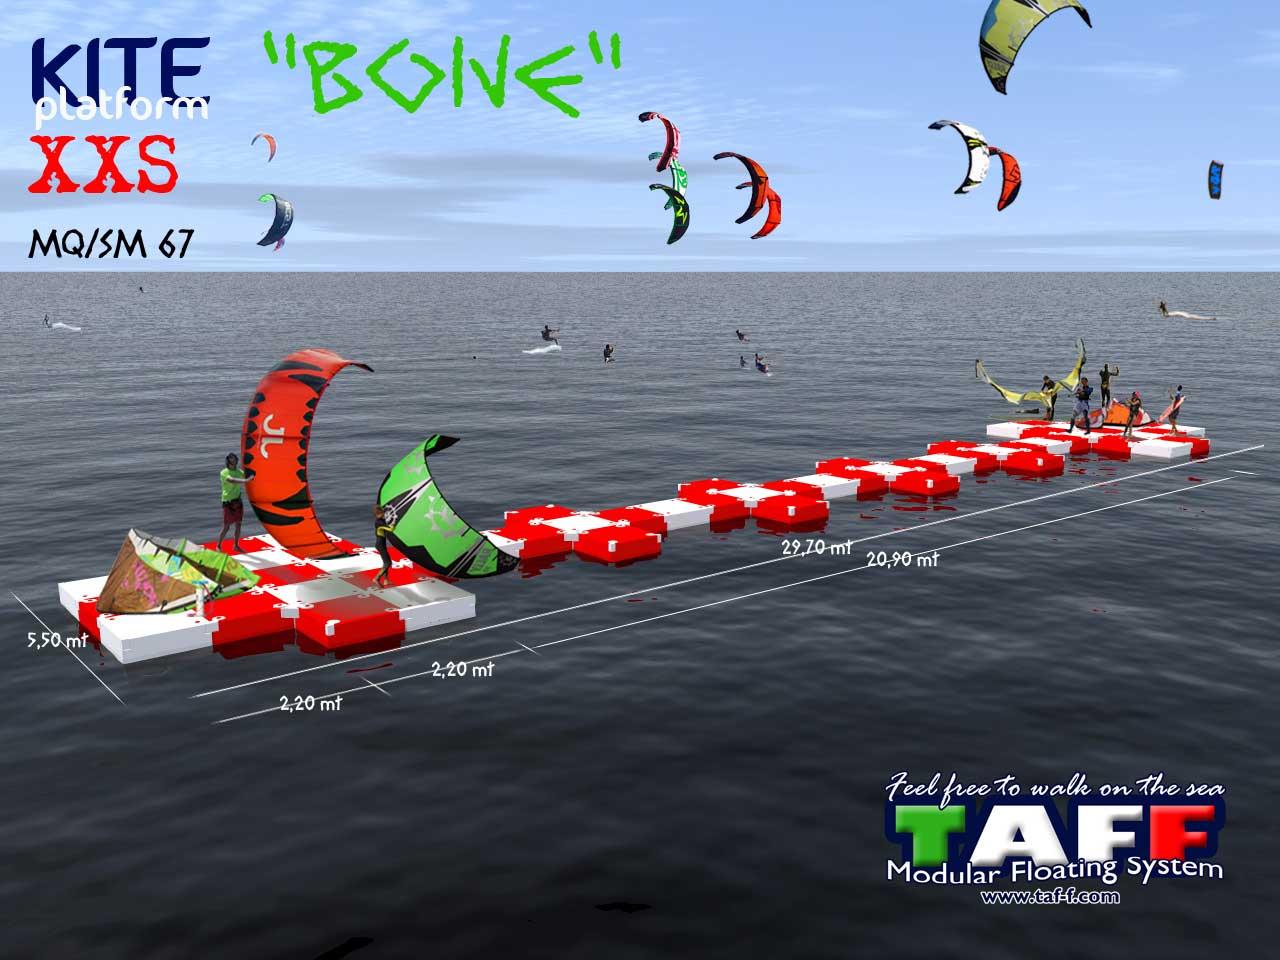 kite-bone-xxslogobis